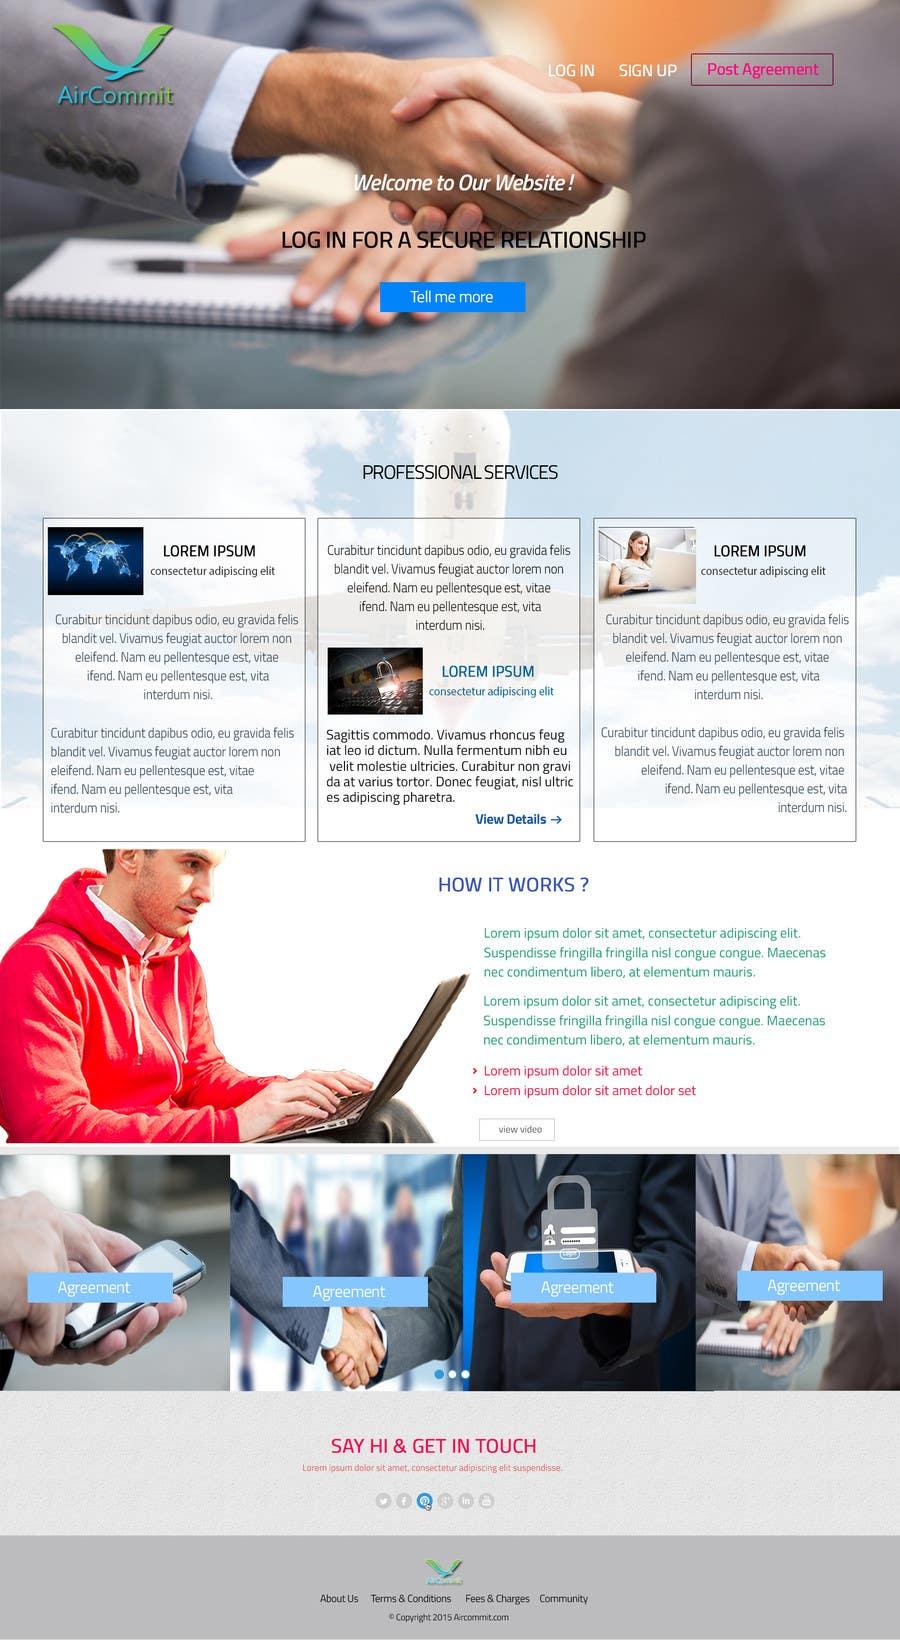 Konkurrenceindlæg #                                        5                                      for                                         Design a Website Mockup for AirCommit